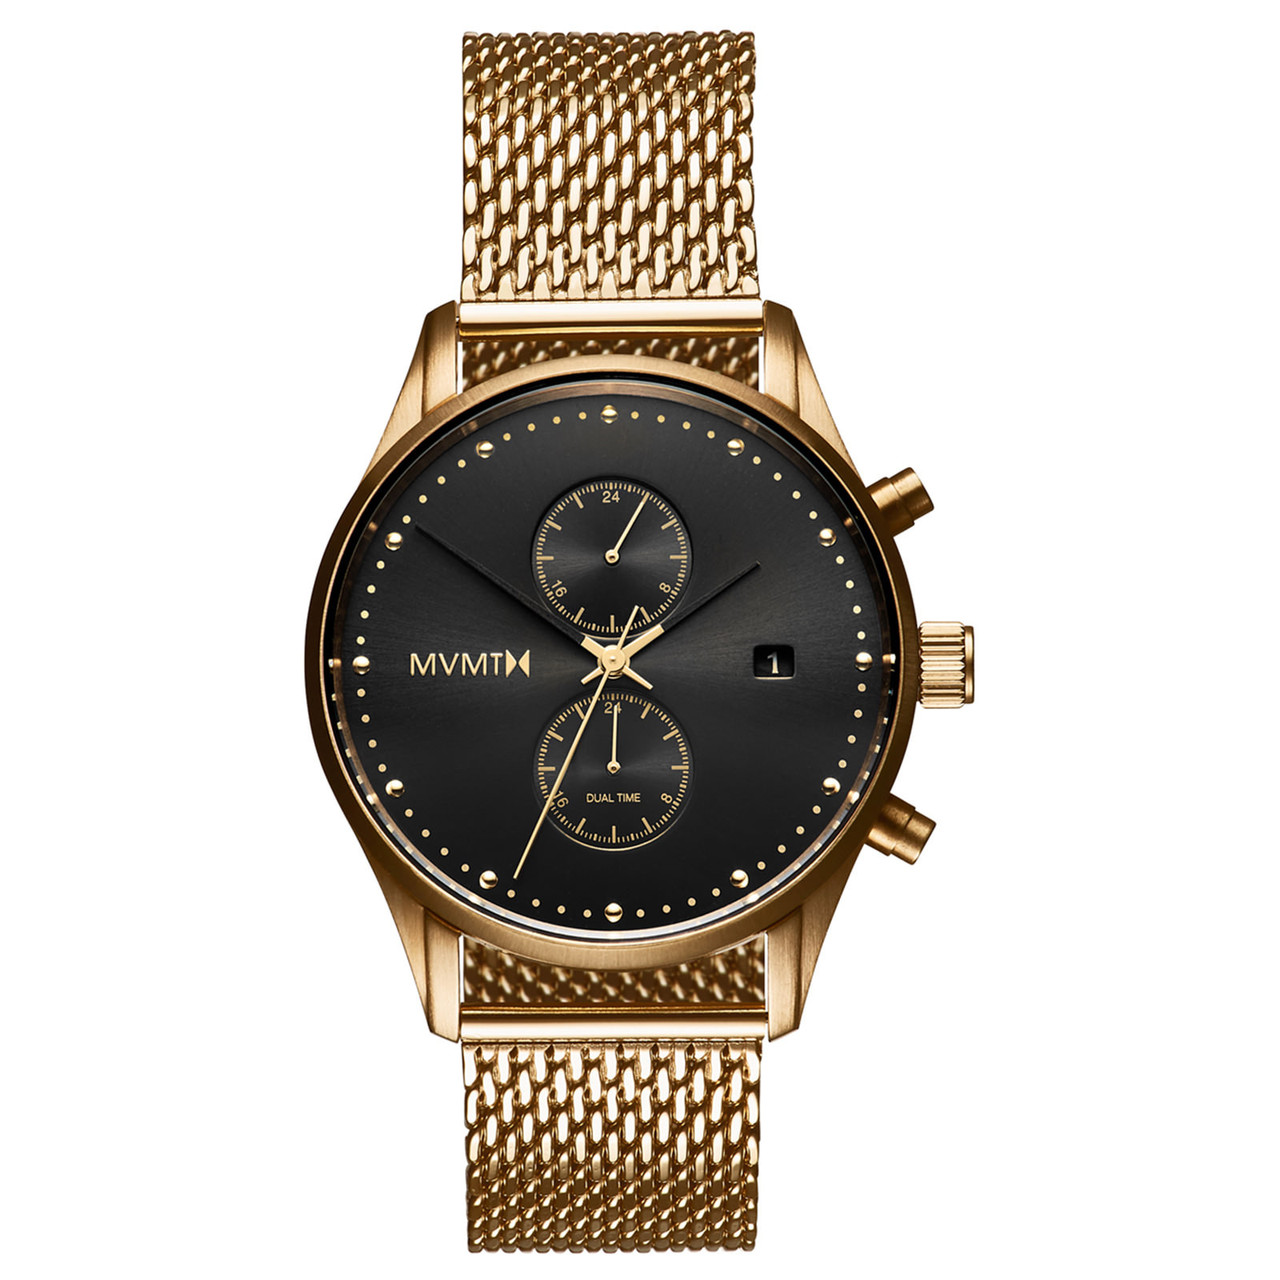 94c1f437dc51 Часы мужские MVMT VOYAGER ECLIPSE - Интернет-магазин брендовых часов и  аксессуаров